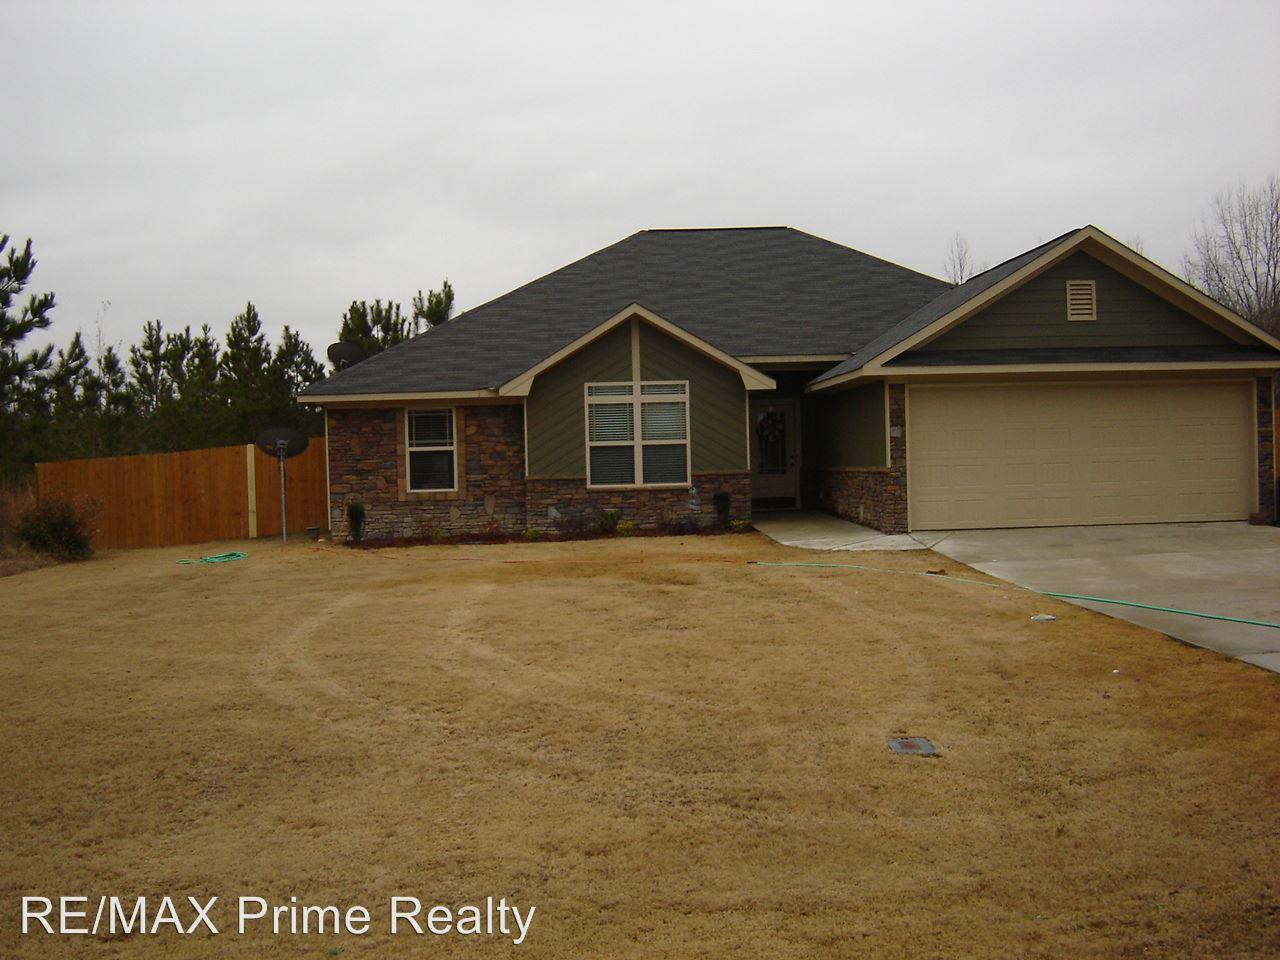 32 Taylor Way, Phenix City, AL 36869 For Rent | Trulia